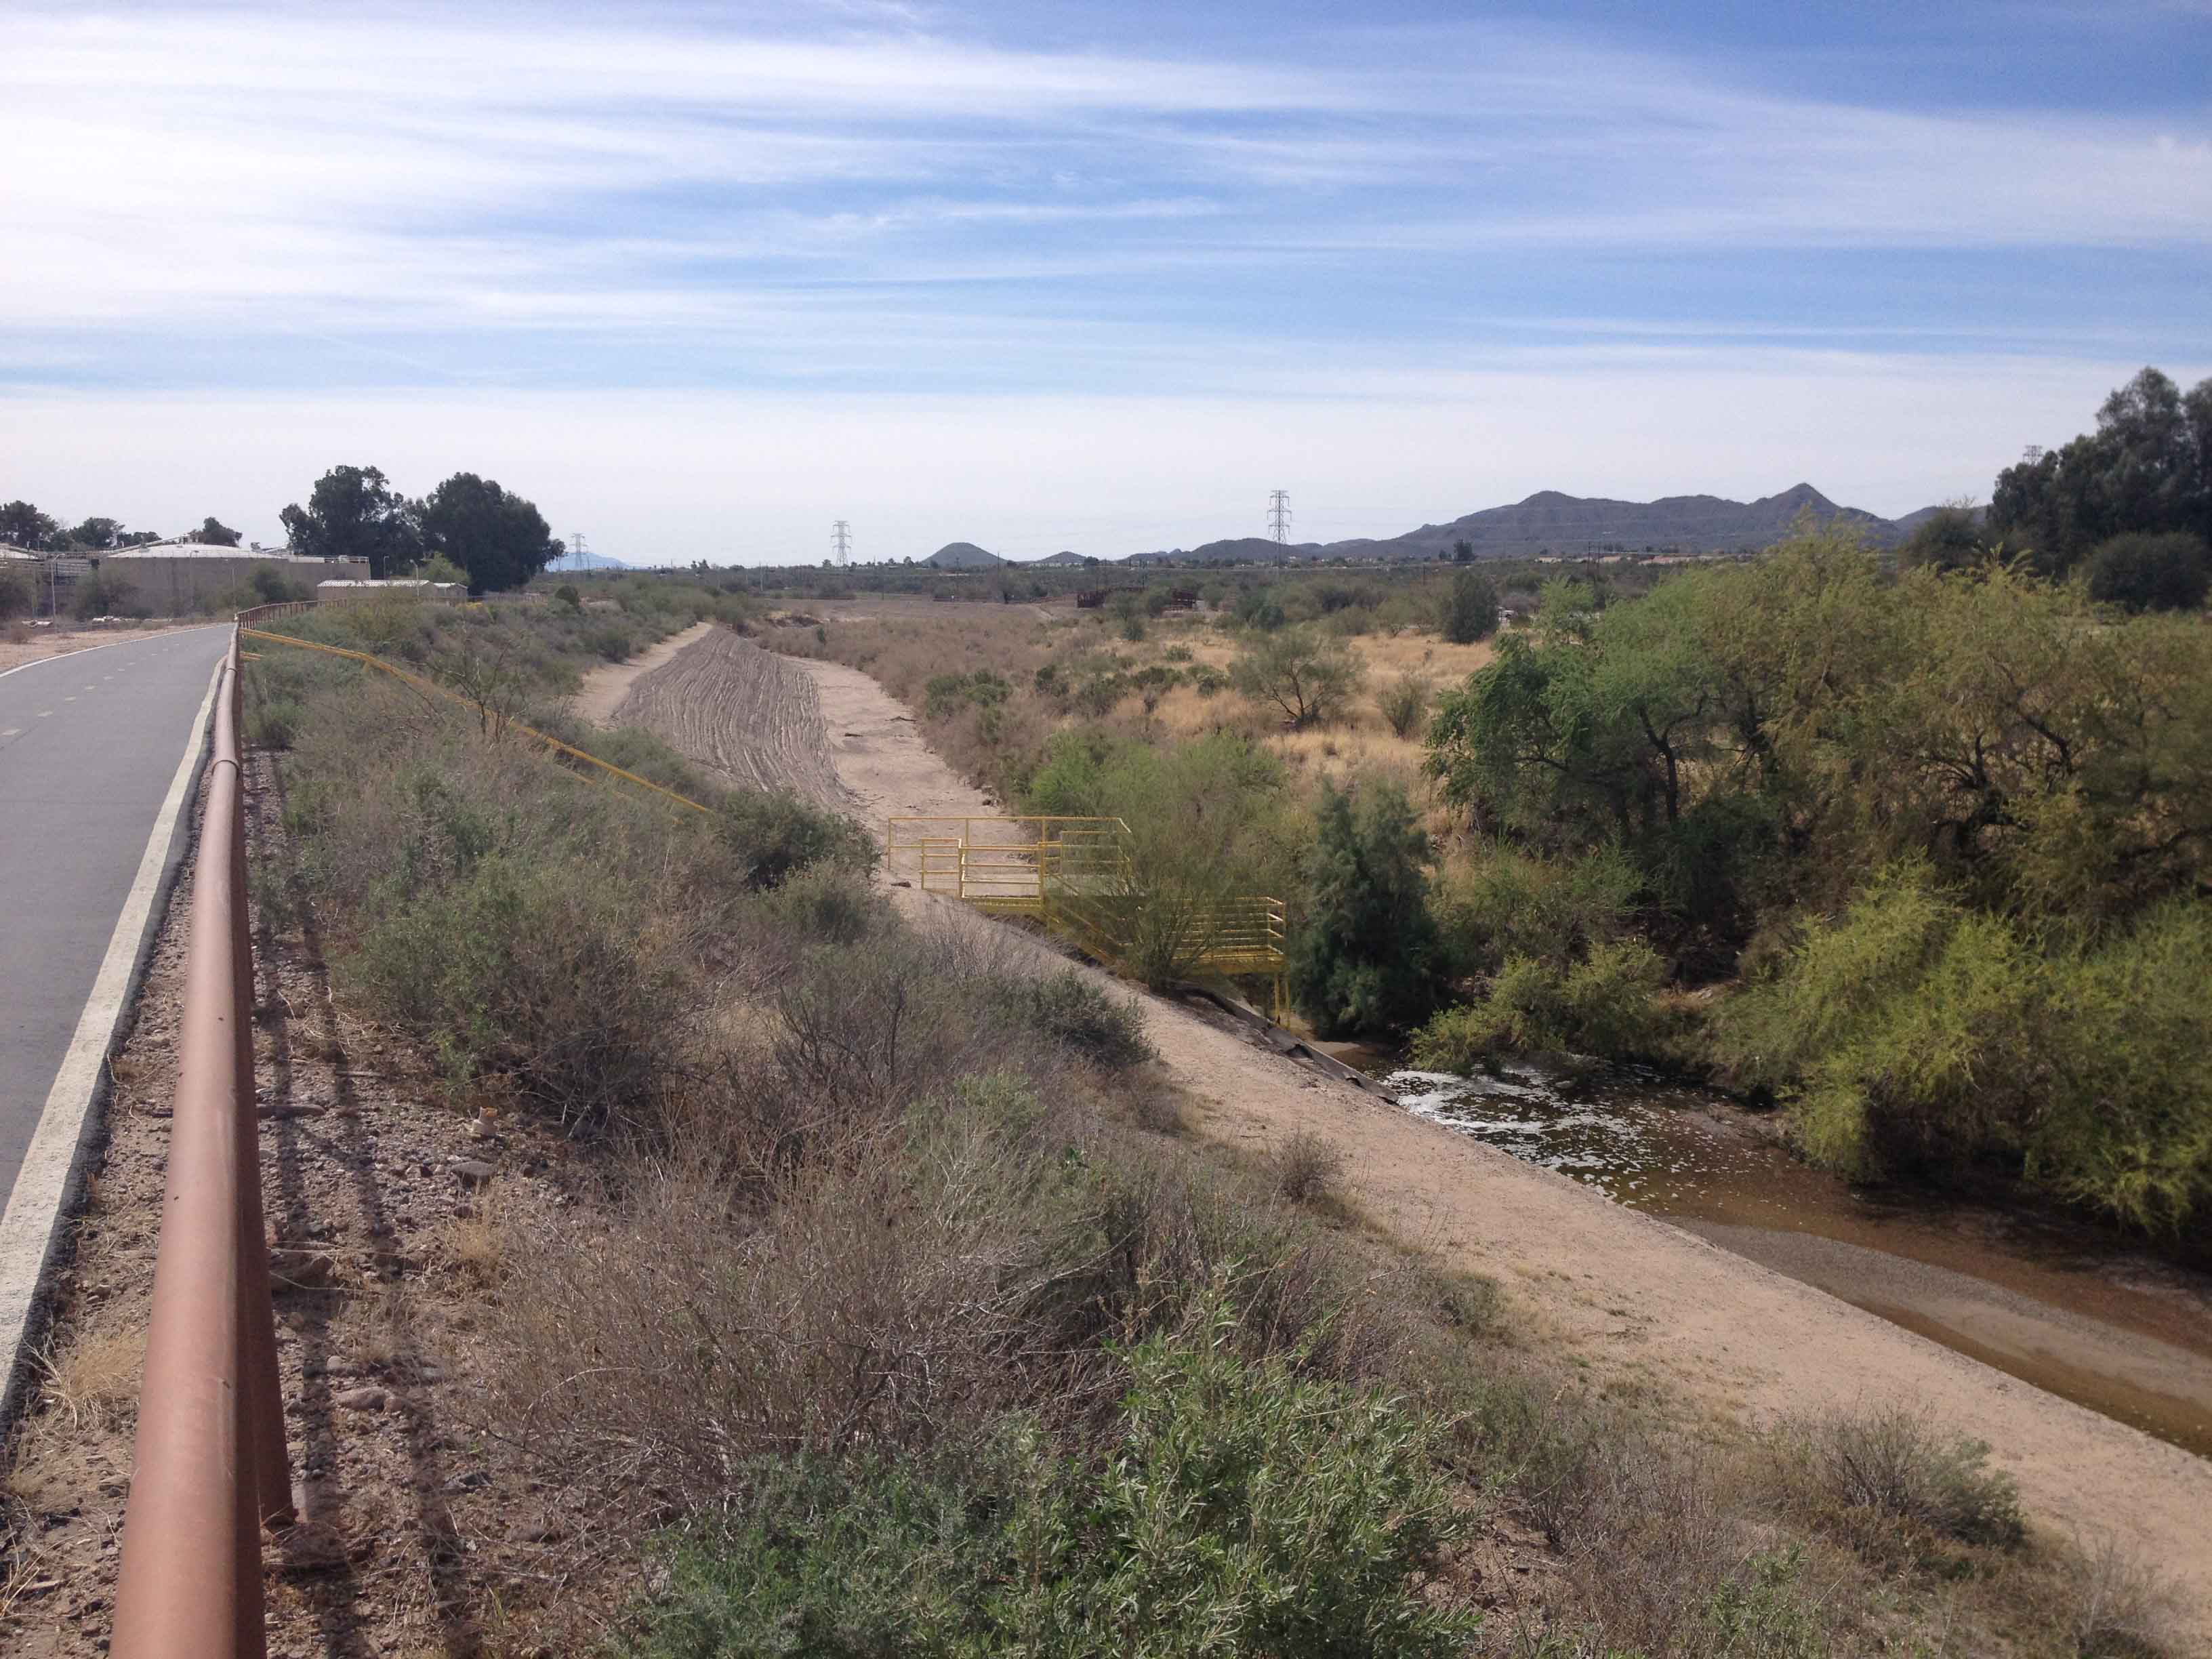 Santa Cruz dry and wet